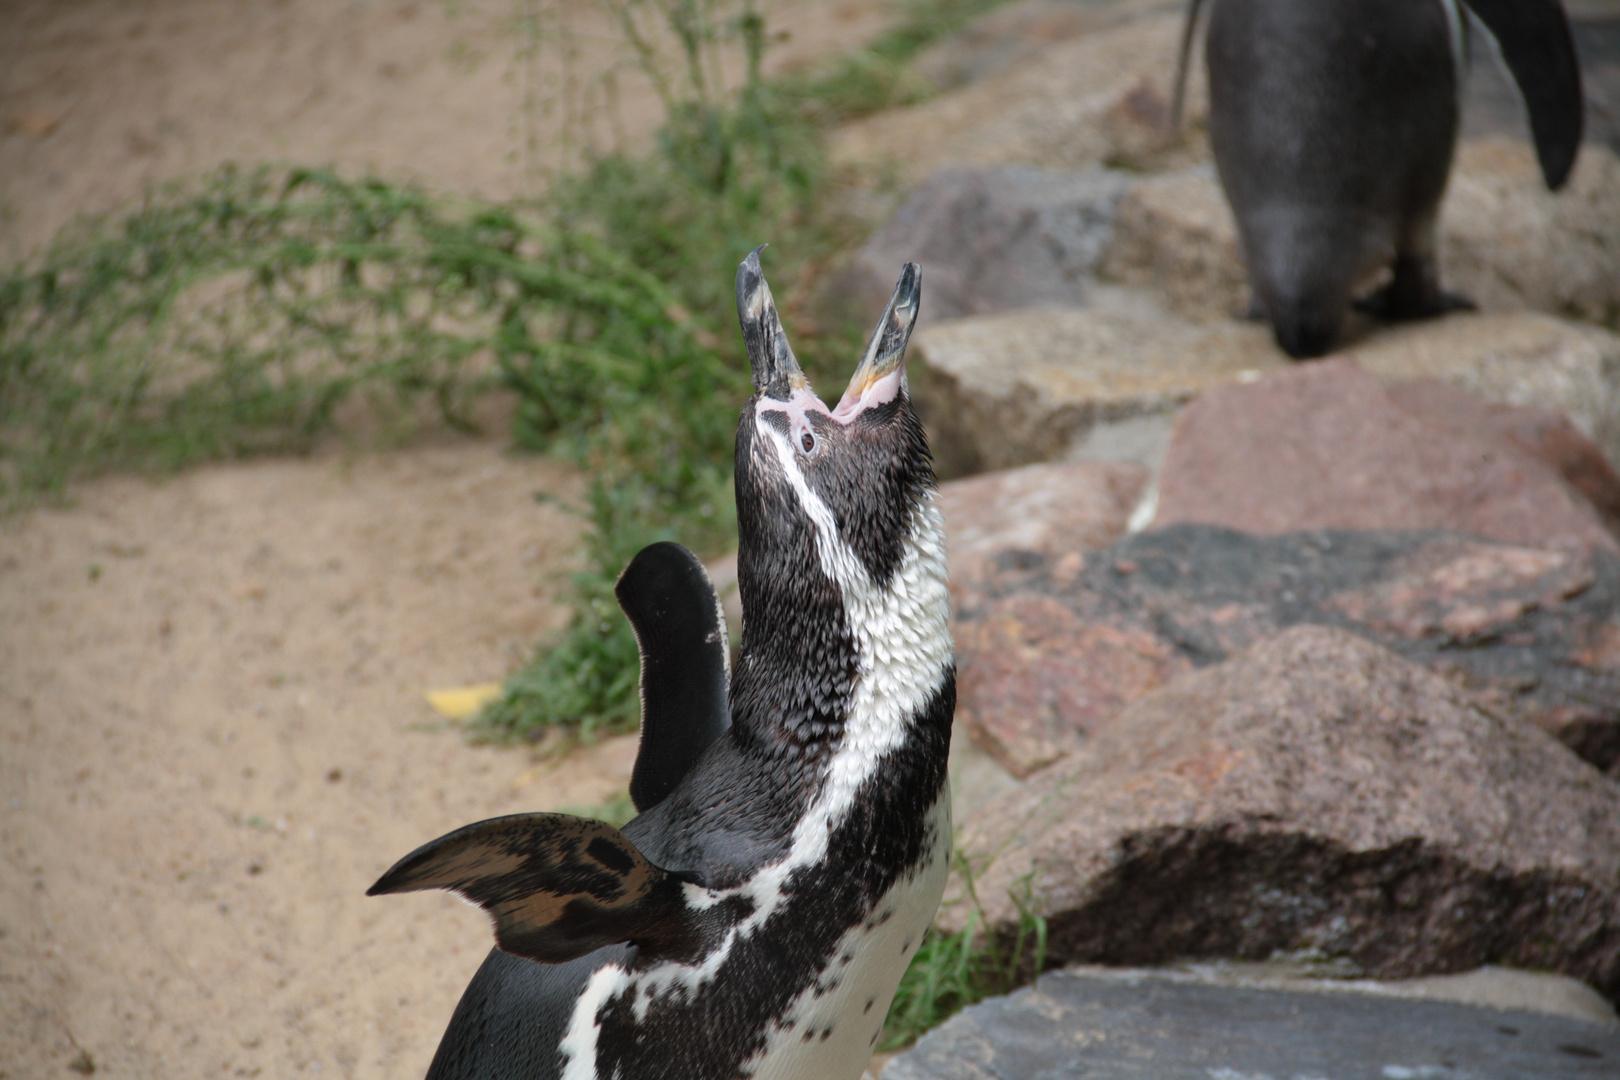 Pinguin macht Laute